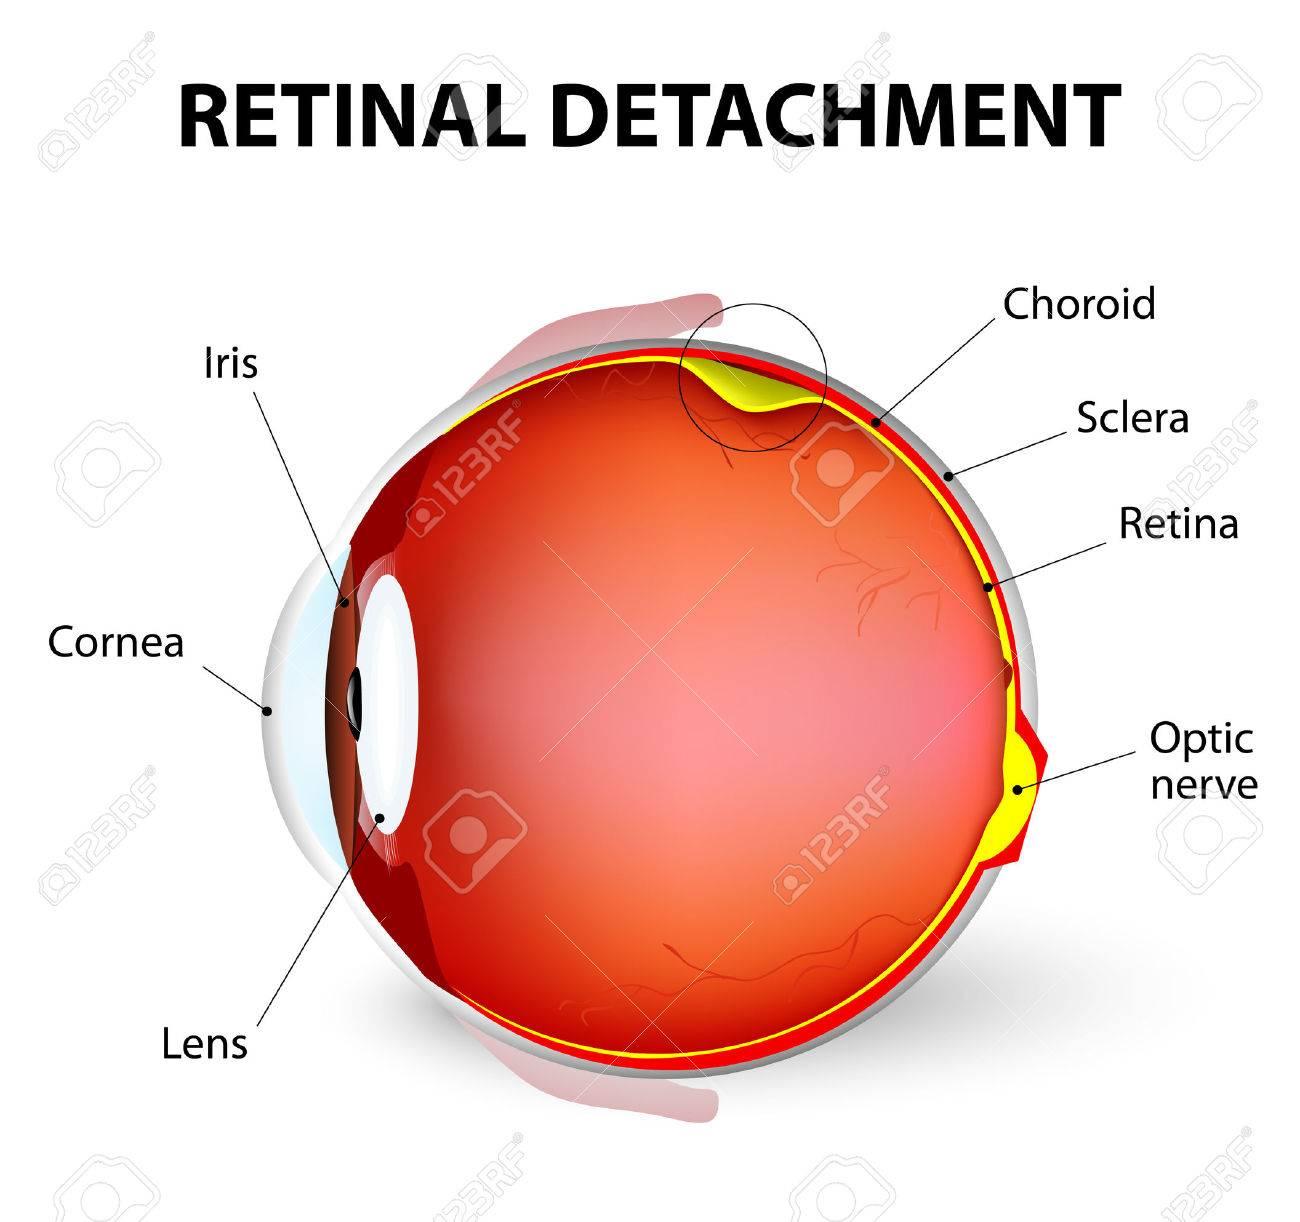 Décollement de la rétine est une maladie de l'?il dans lequel la partie  contenant le nerf optique est retiré de sa position habituelle